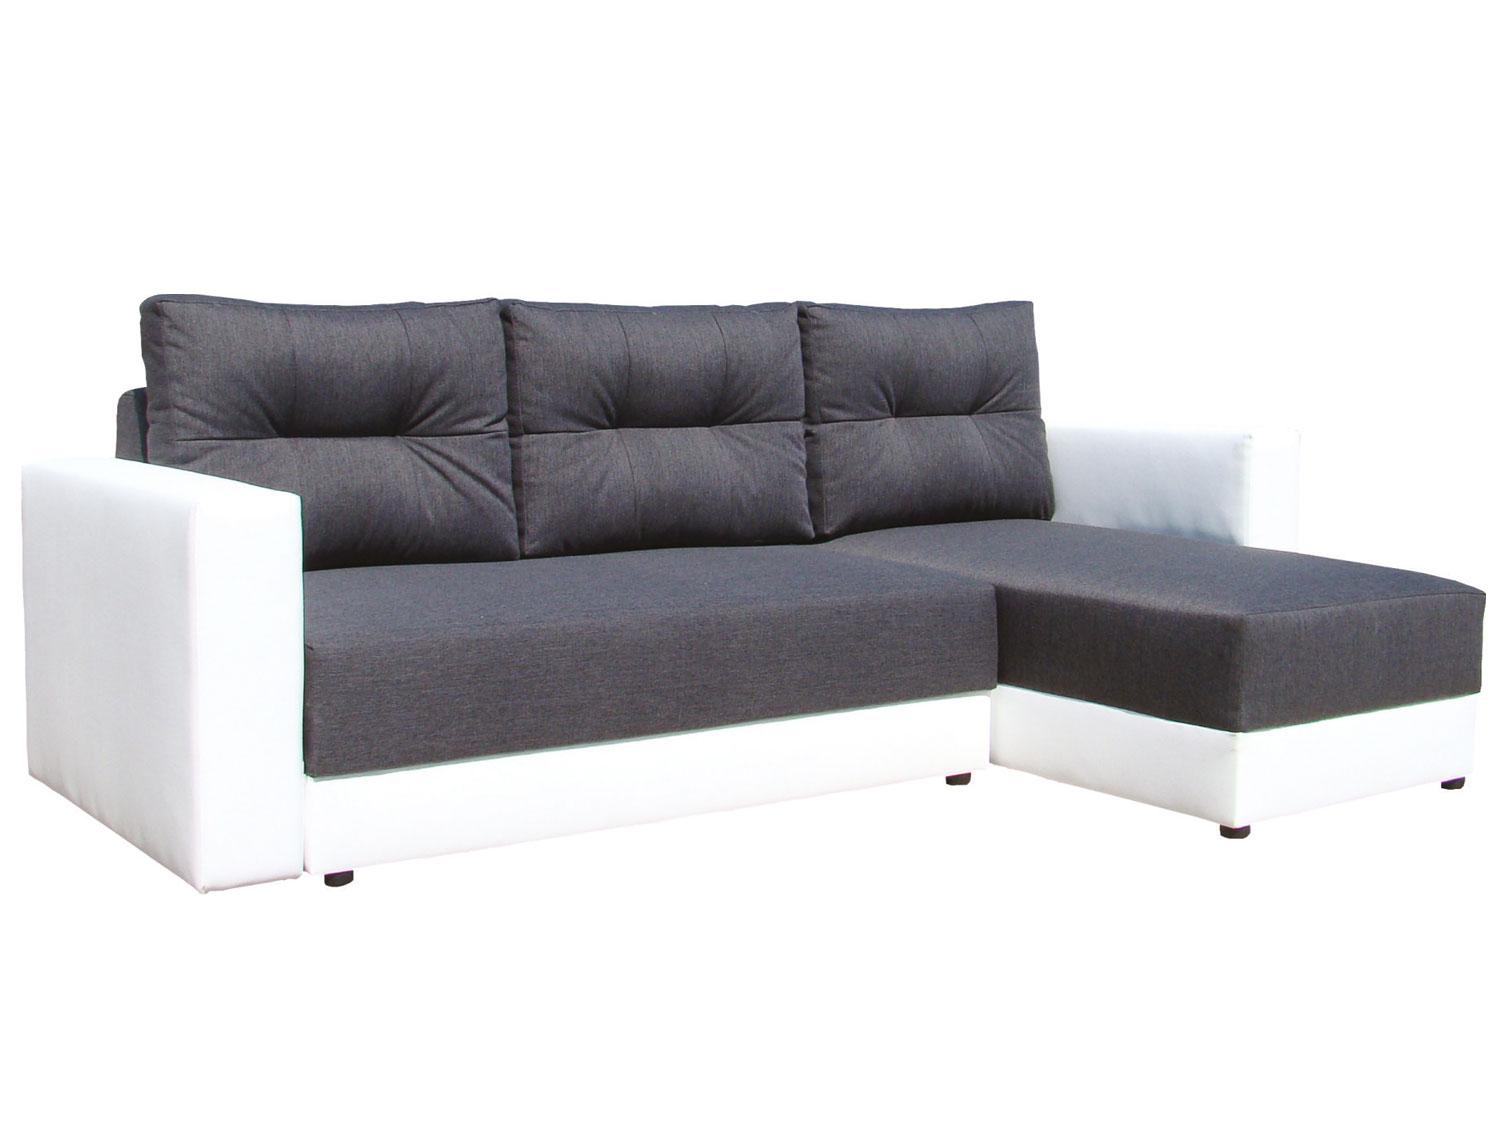 Rohová sedací souprava - Famm - Alex tmavě šedá + koženka bílá (P)